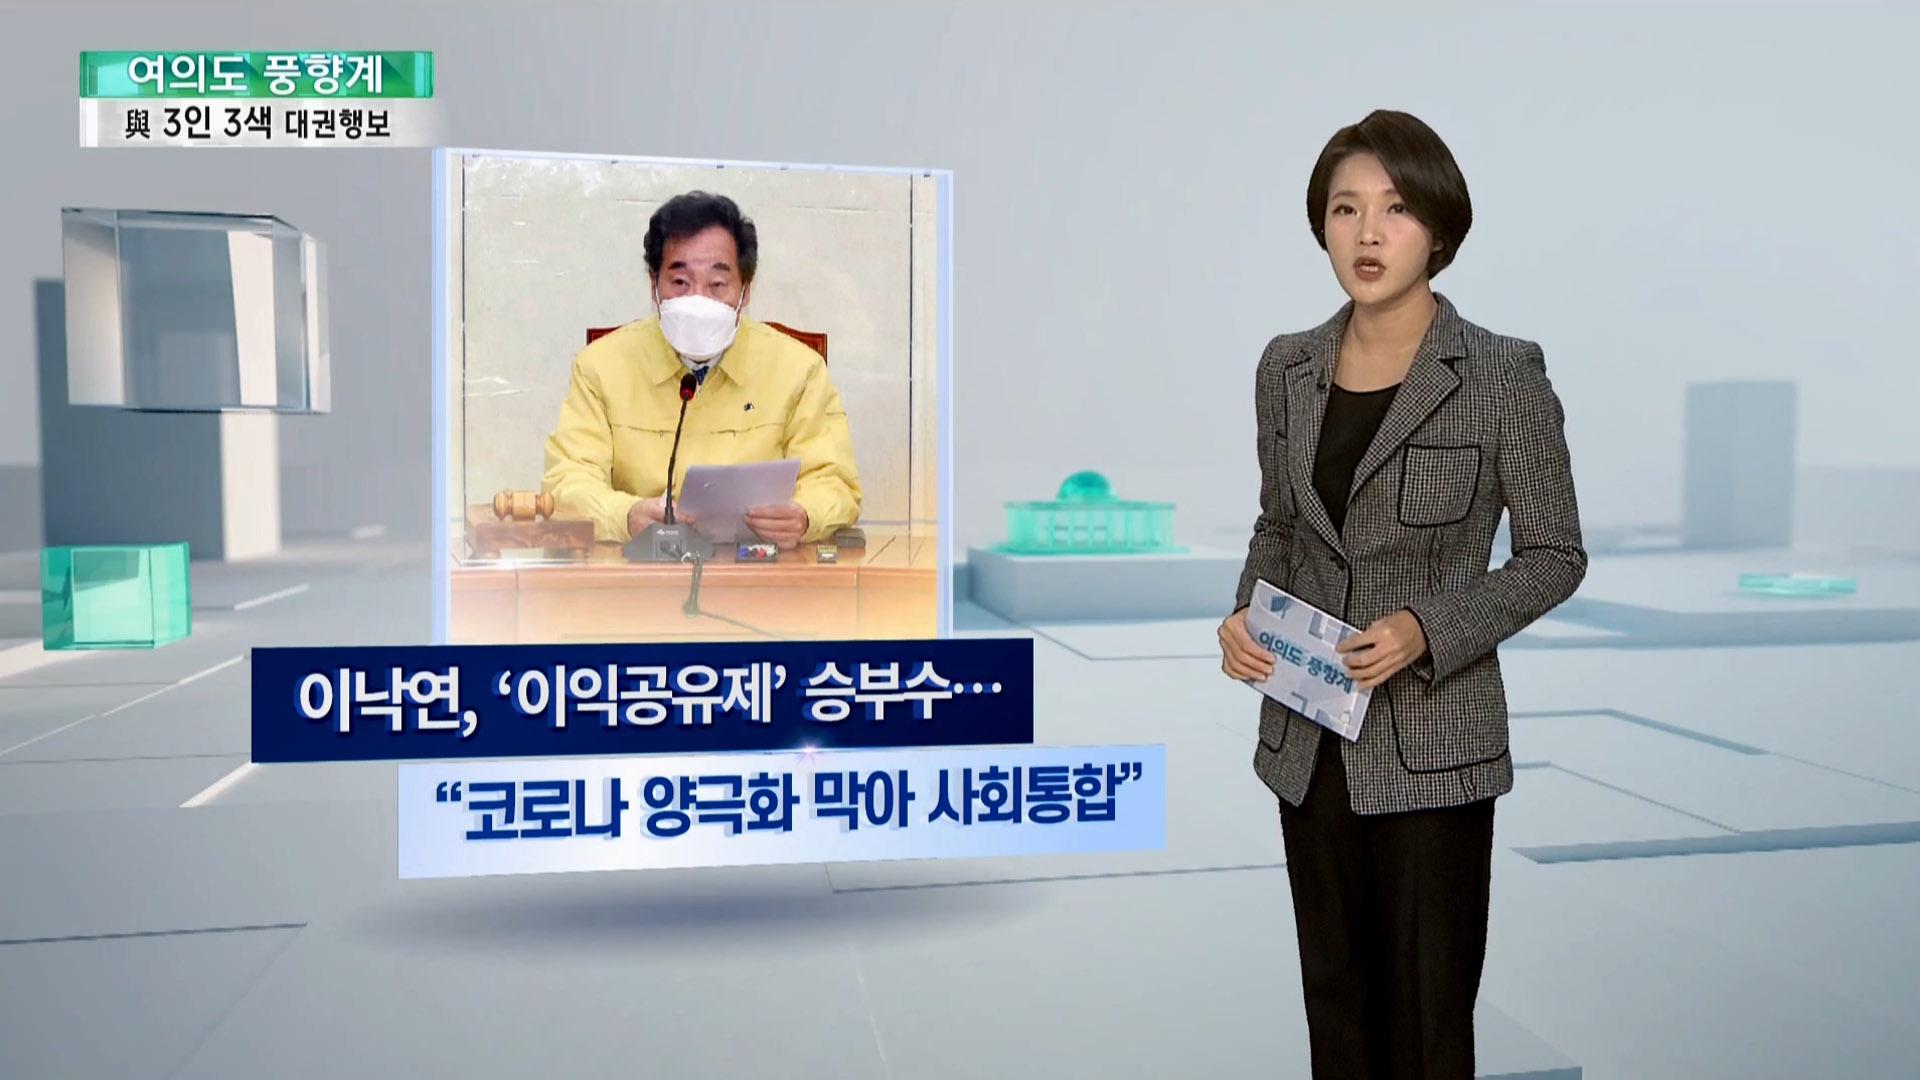 [여의도풍향계] 이익공유·손실보상·기본소득…여권 3인방 '정책대결'